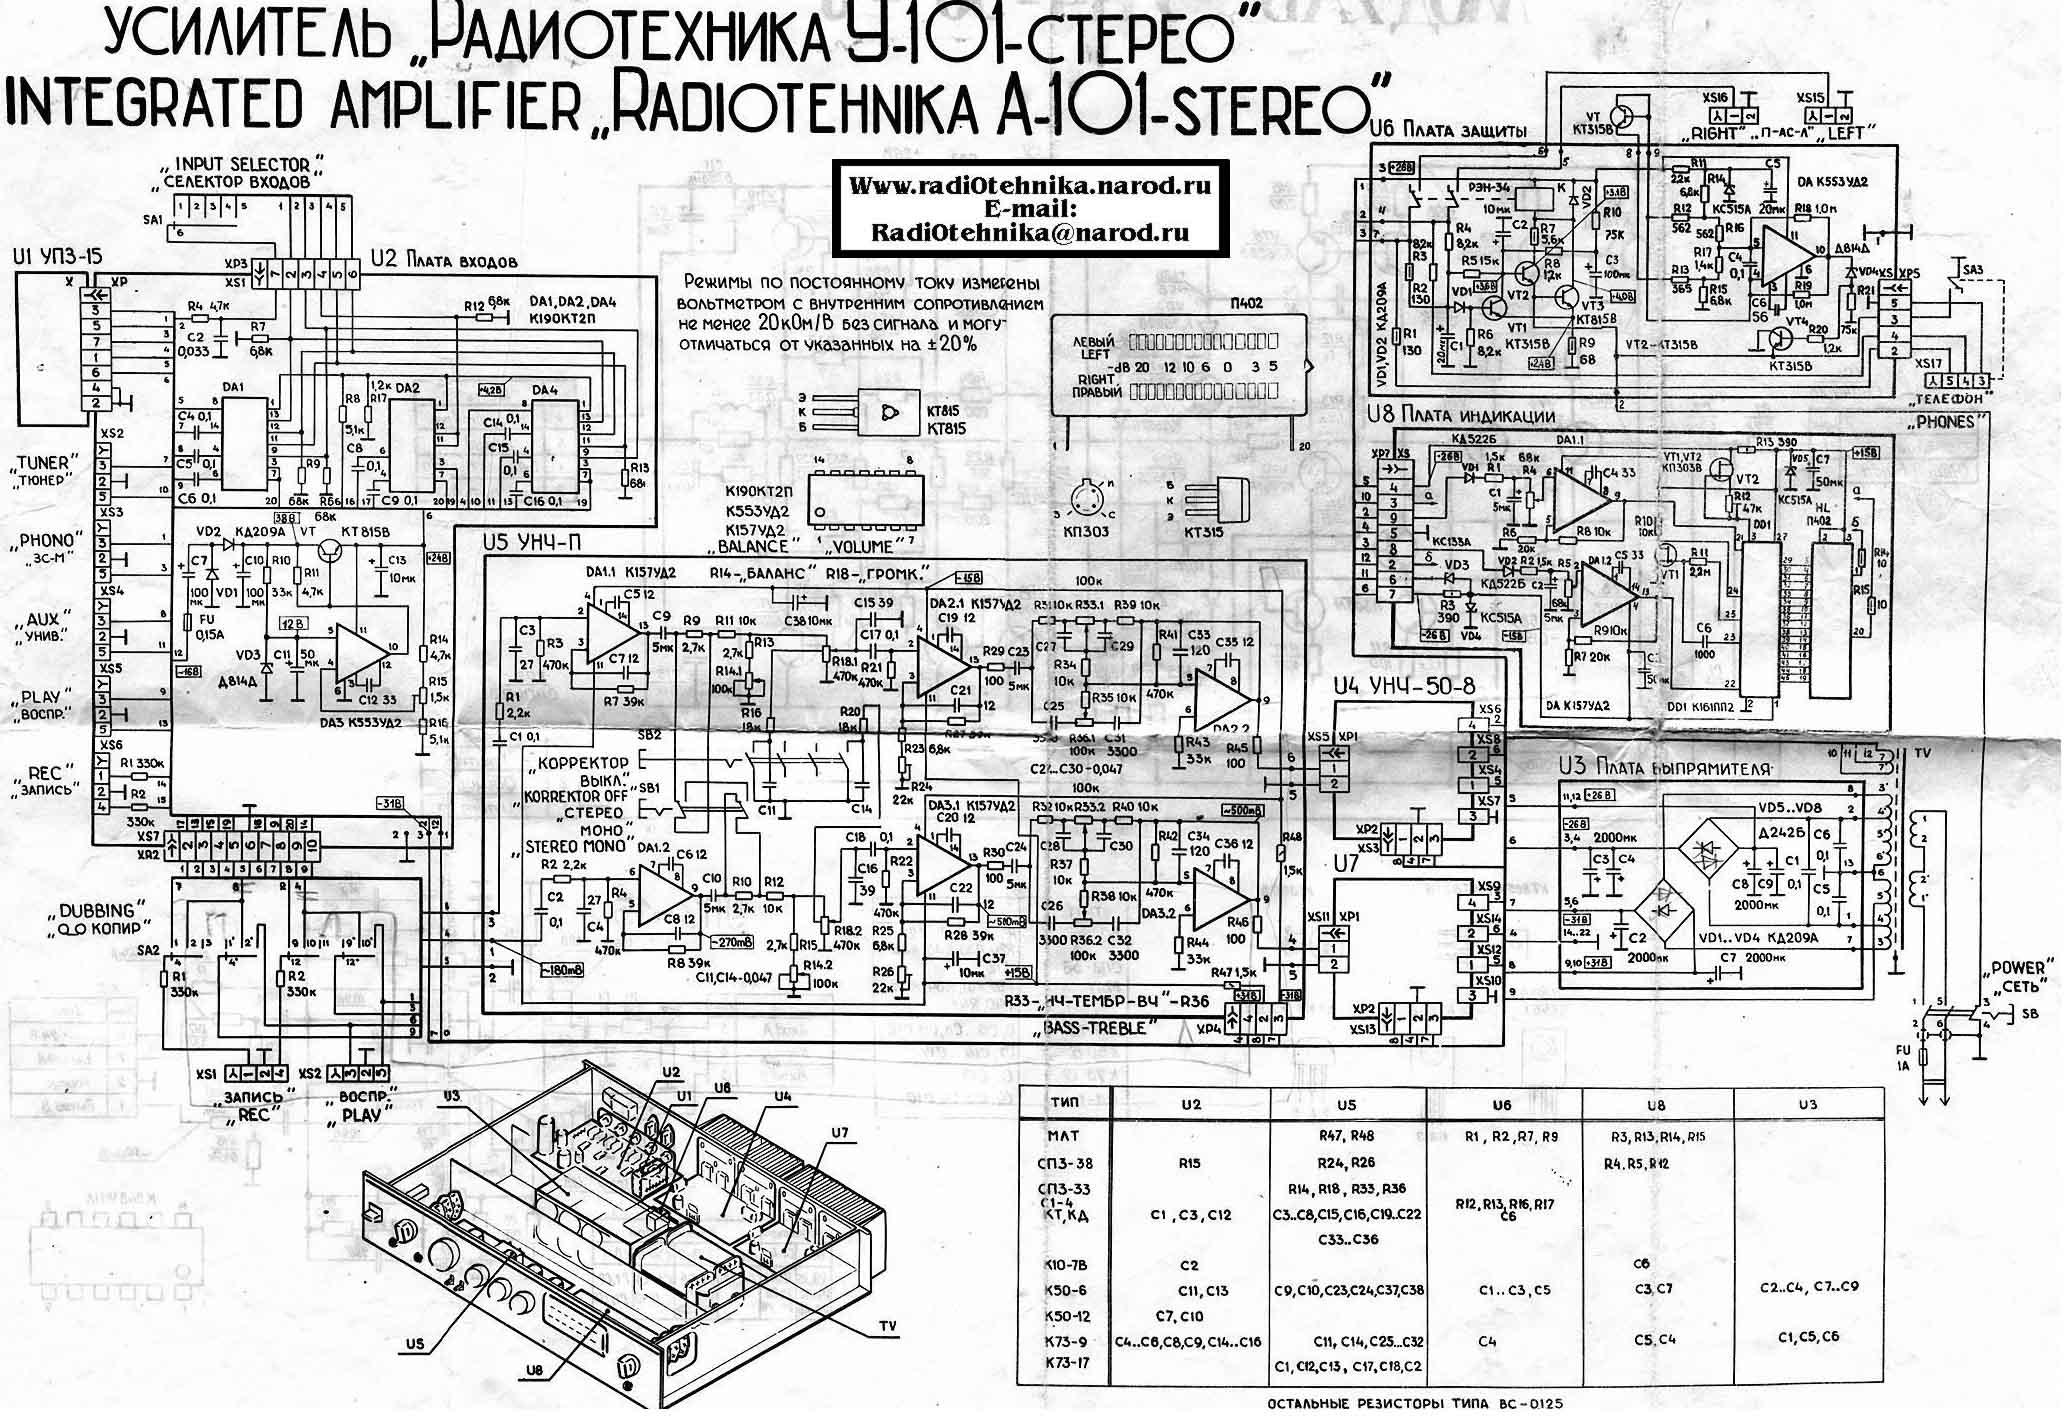 Усилитель радиотехника-101 схема